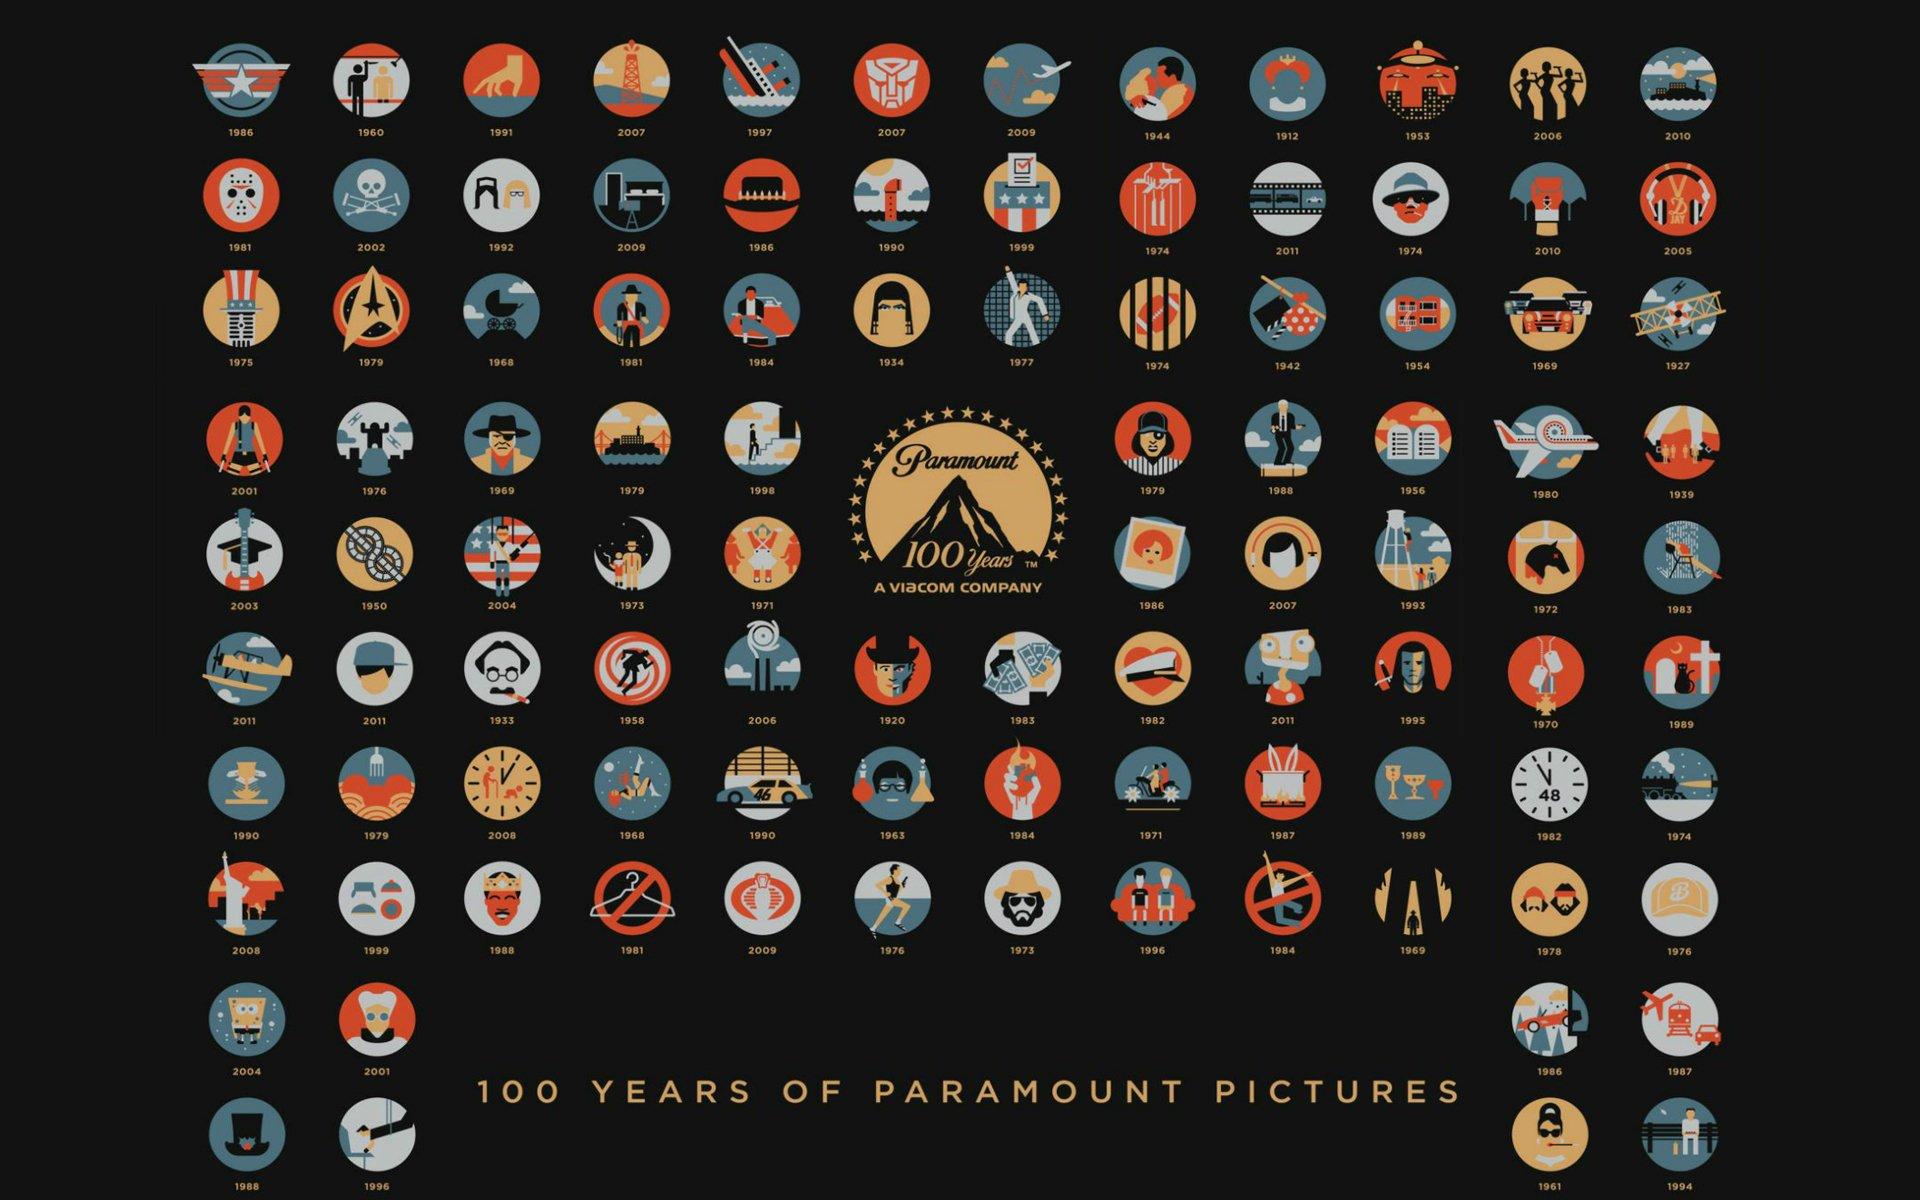 парамаунт пикчерз 100 лет фильмы кино Paramount Pictures 100